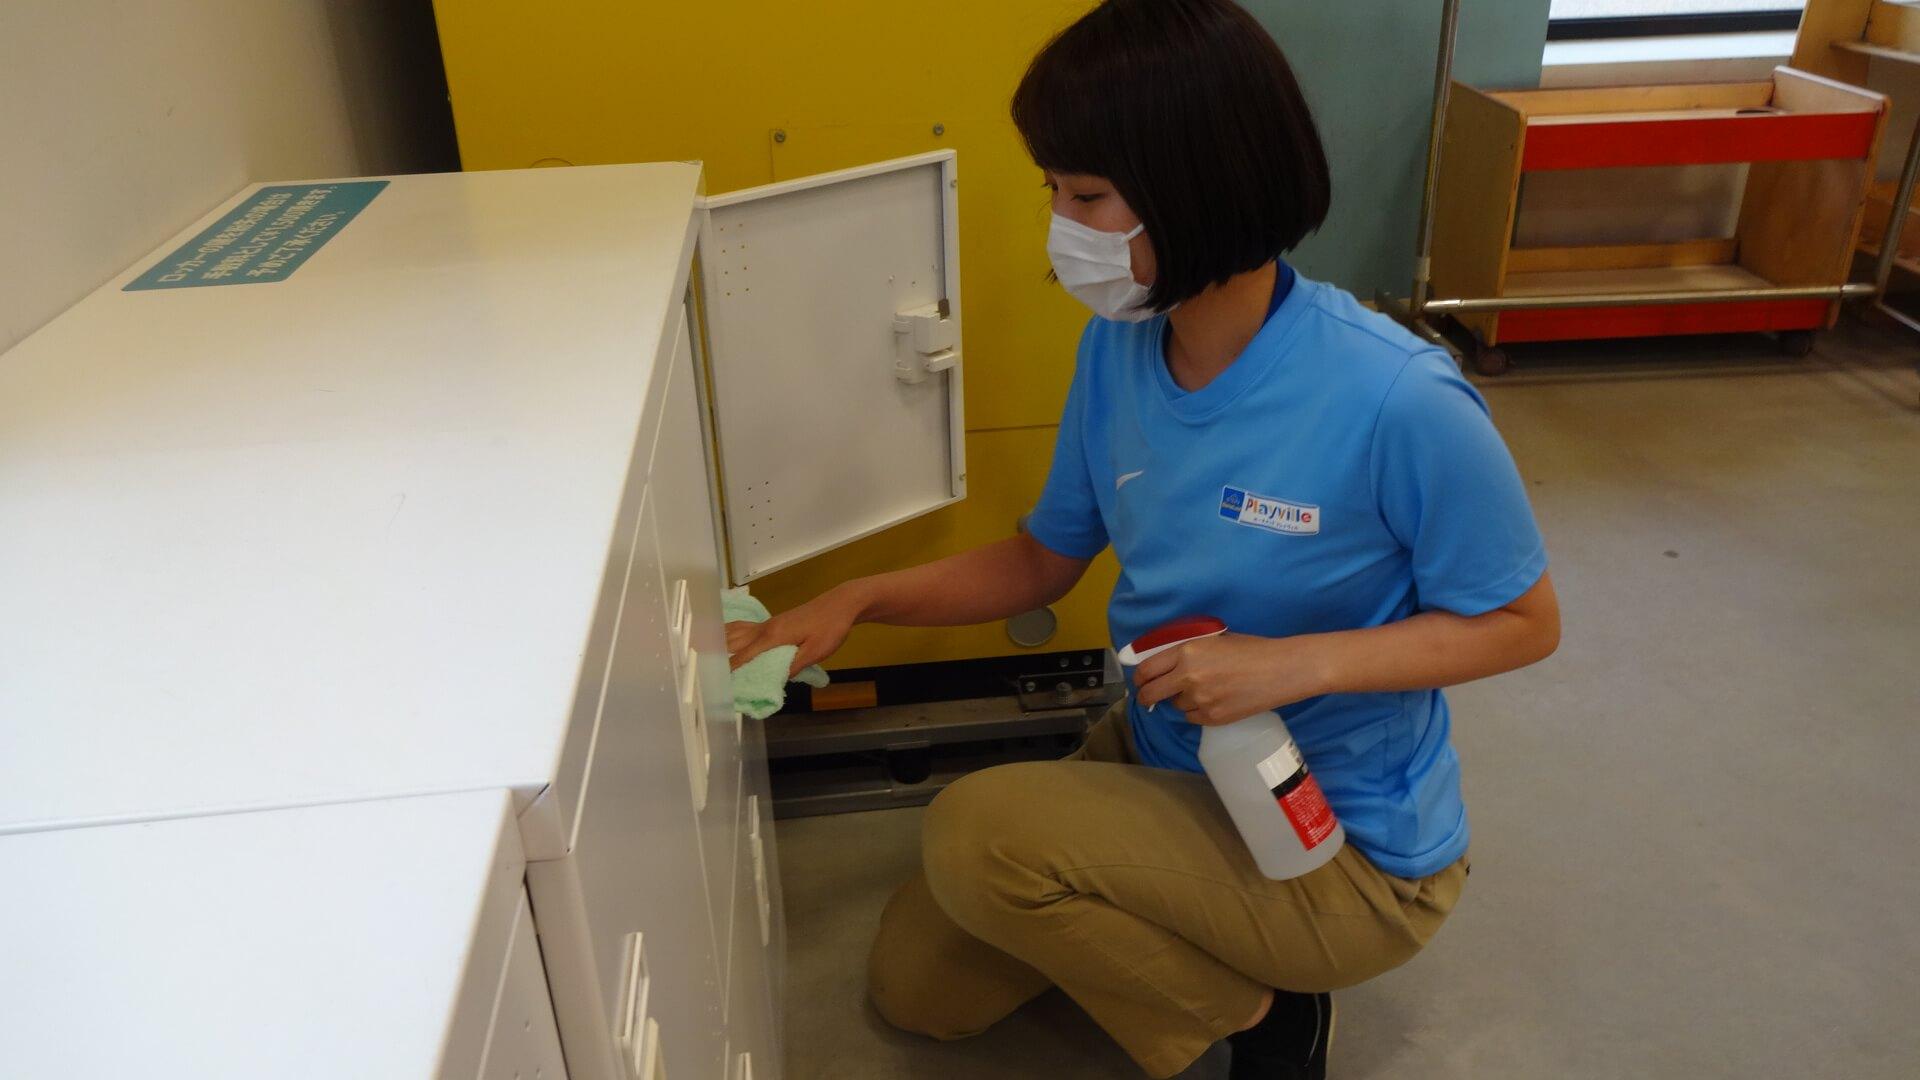 衛生管理・清掃について